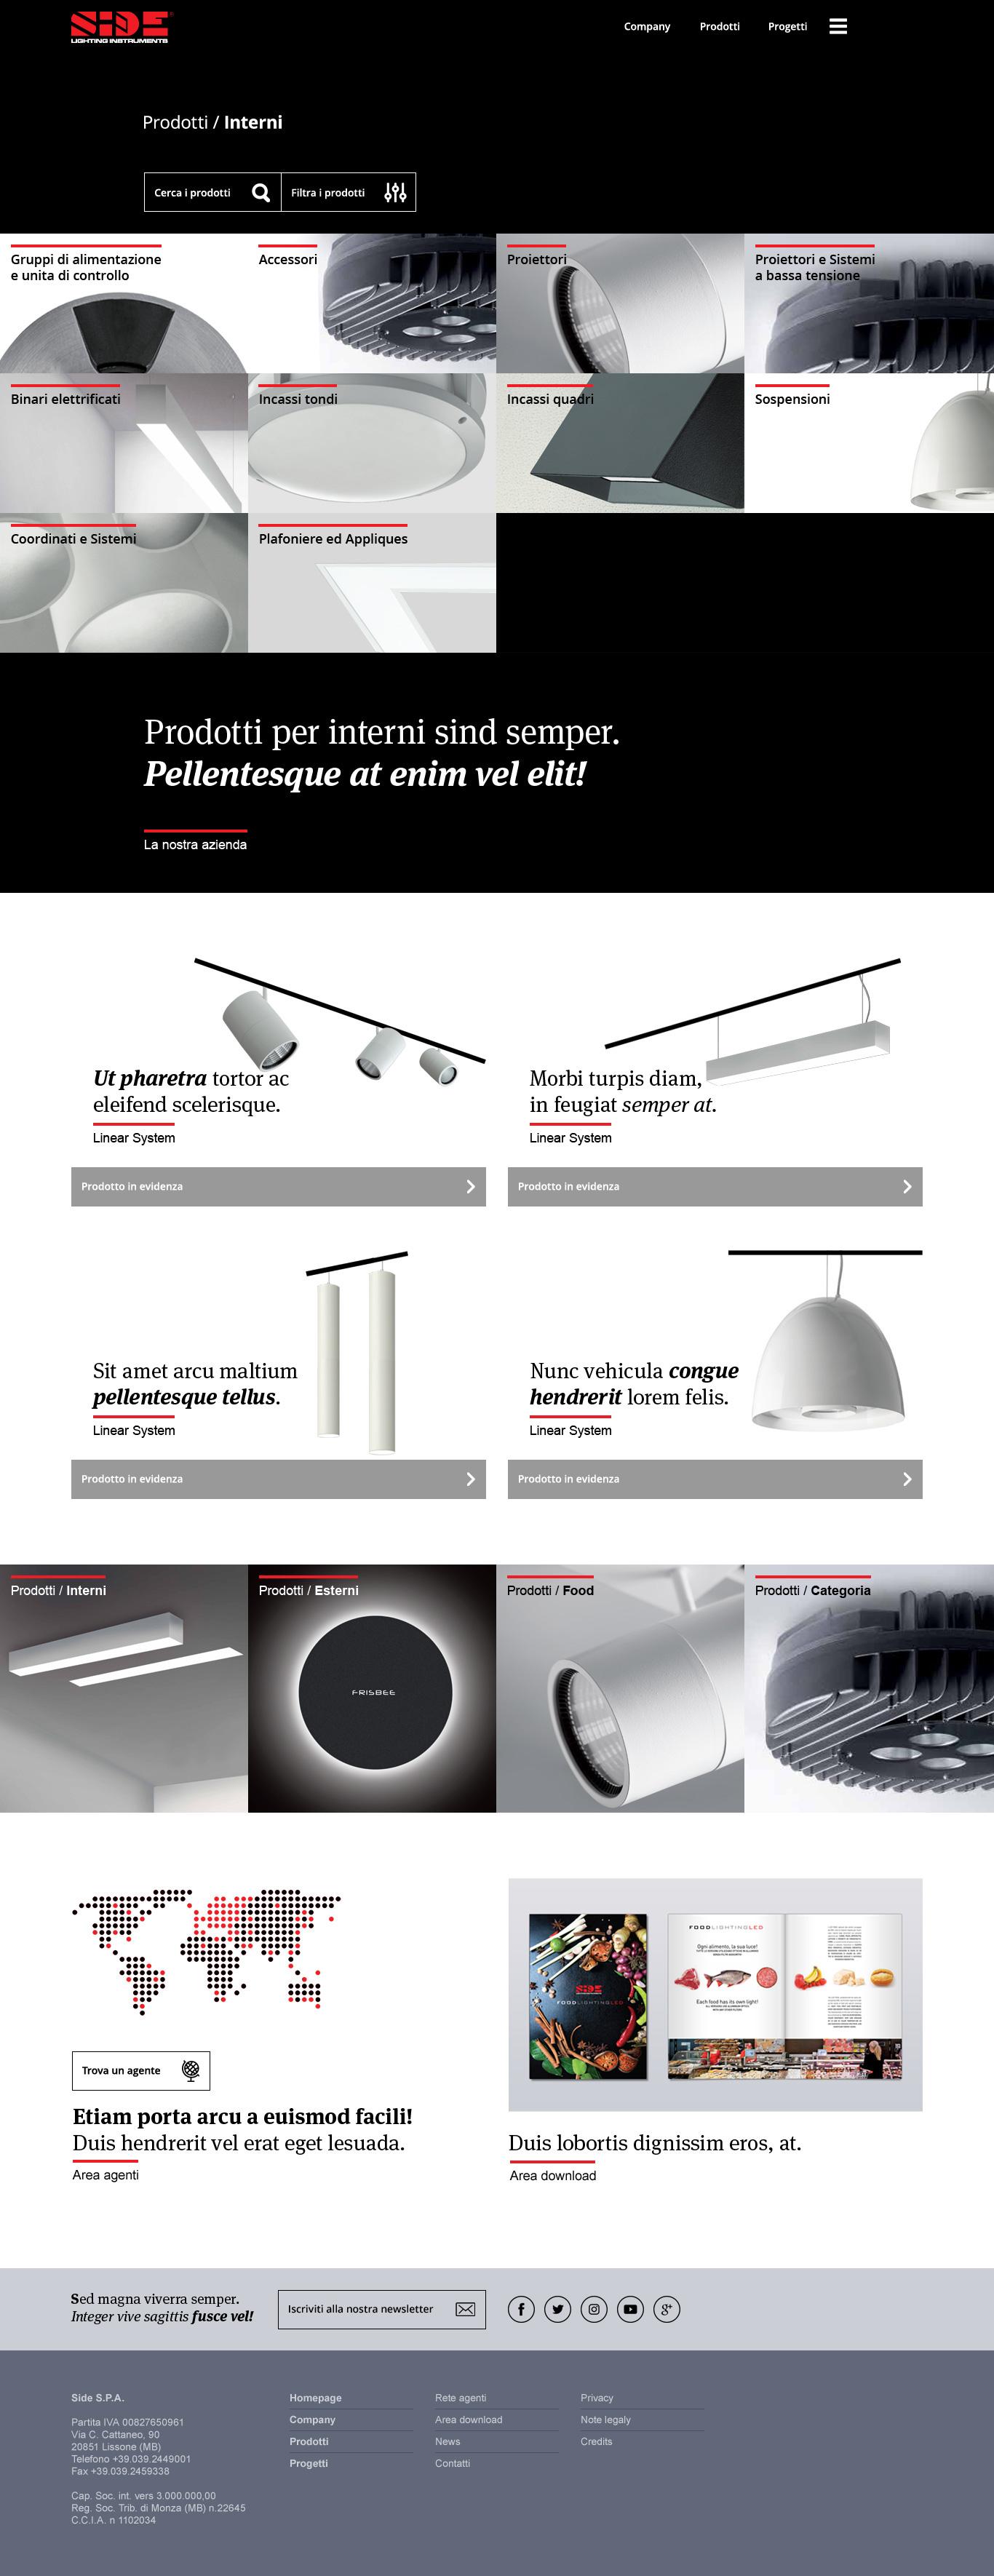 sidespa.it homepage layout